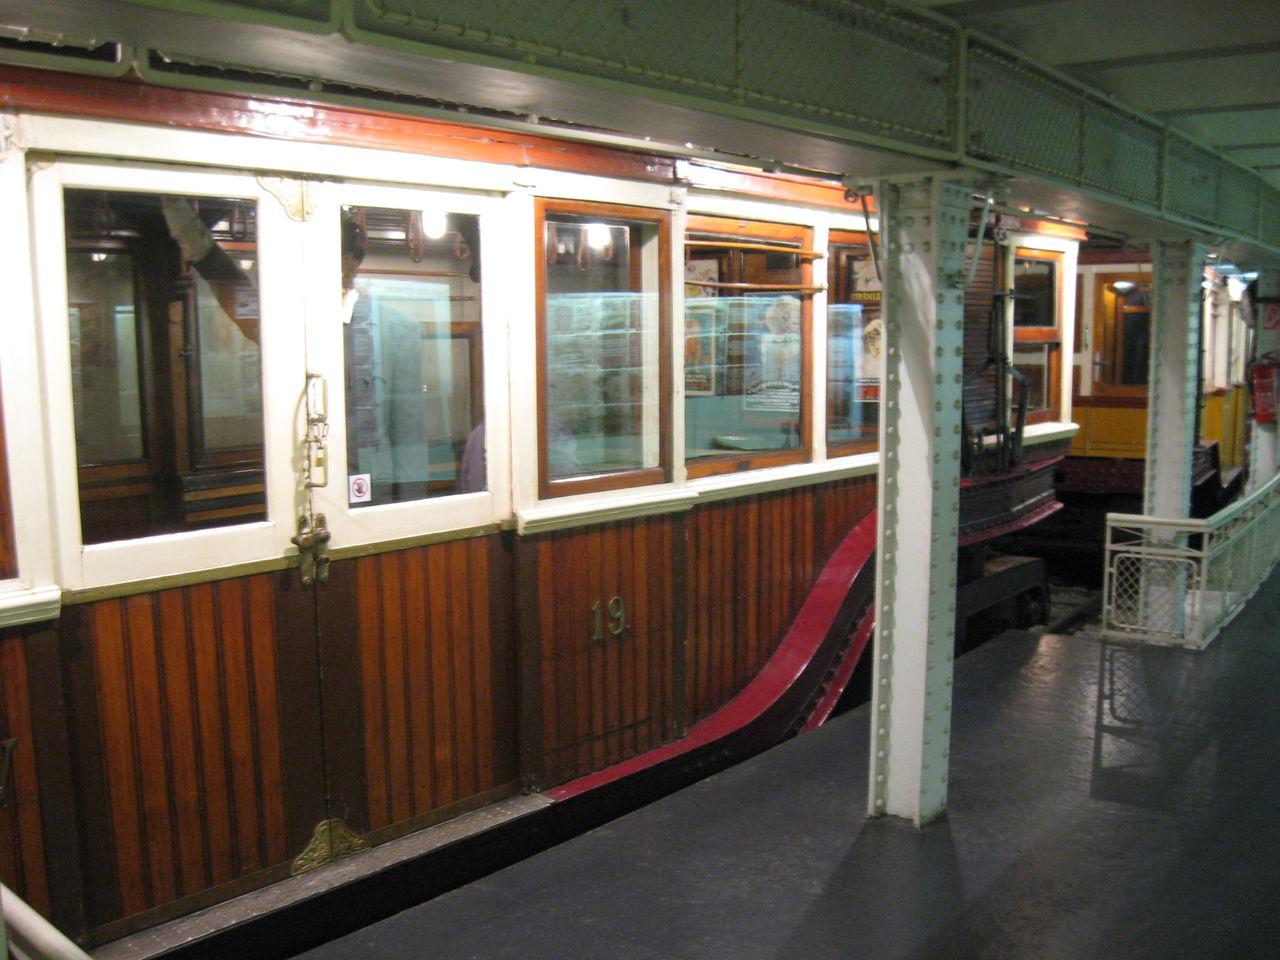 ブダペスト地下鉄の画像 p1_23